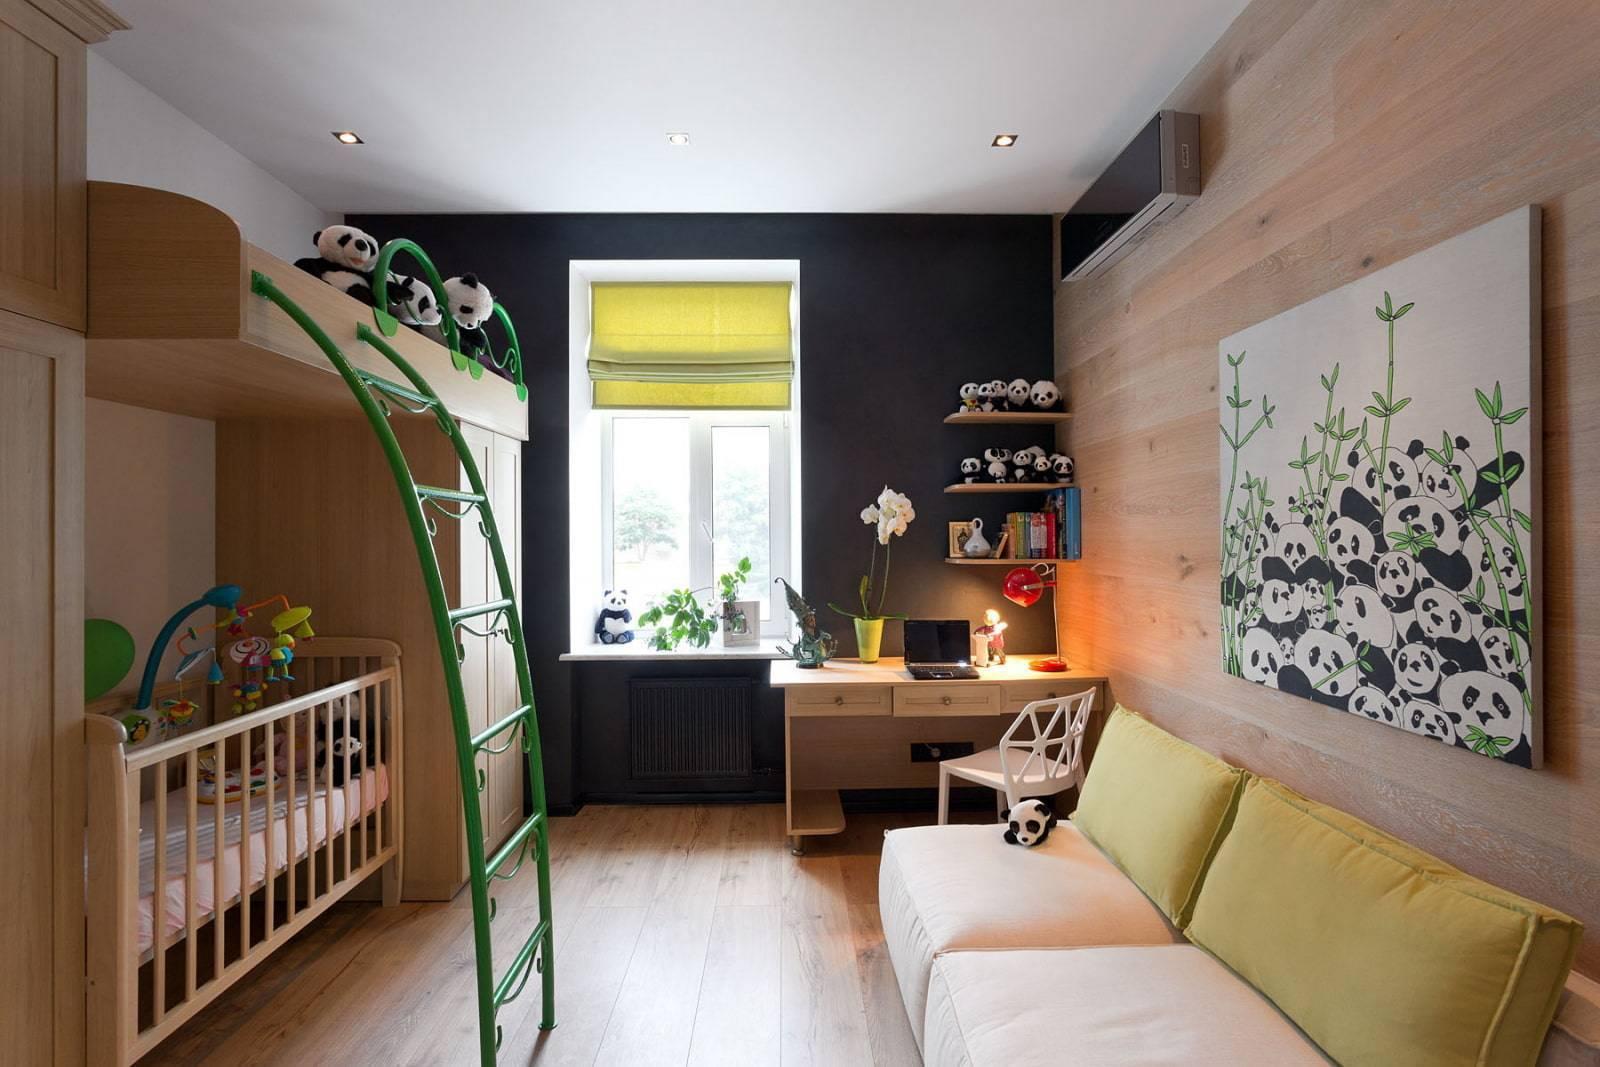 Узкая детская комната: расстановка мебели, дизайн для двоих, фото интерьера